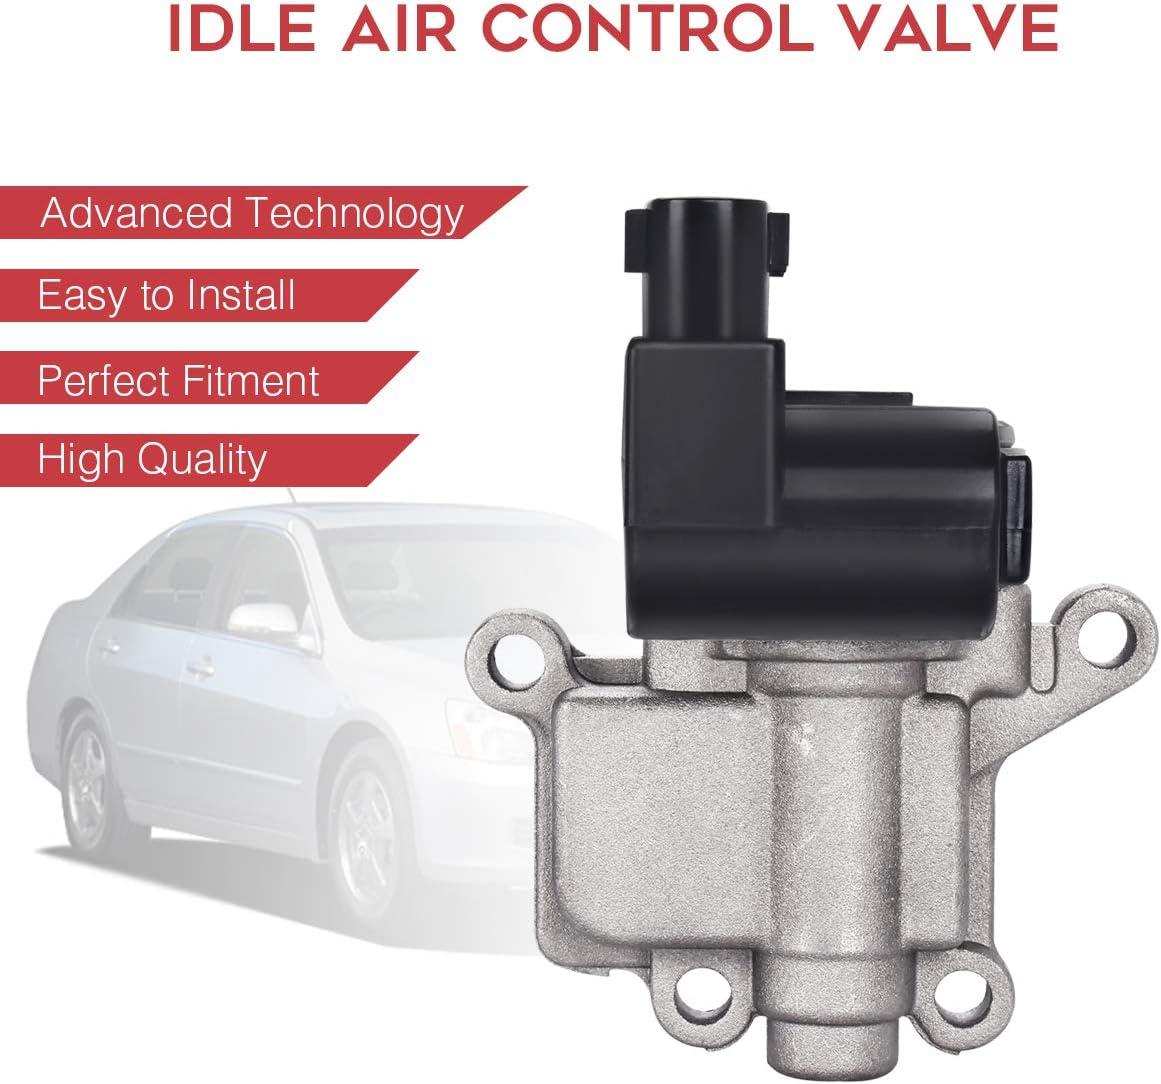 Idle Air Control Valve 16022-RAA-A01 For Honda Element Accord Selected 2003 2004 2005 2006 2.4L l4 3.0L V6